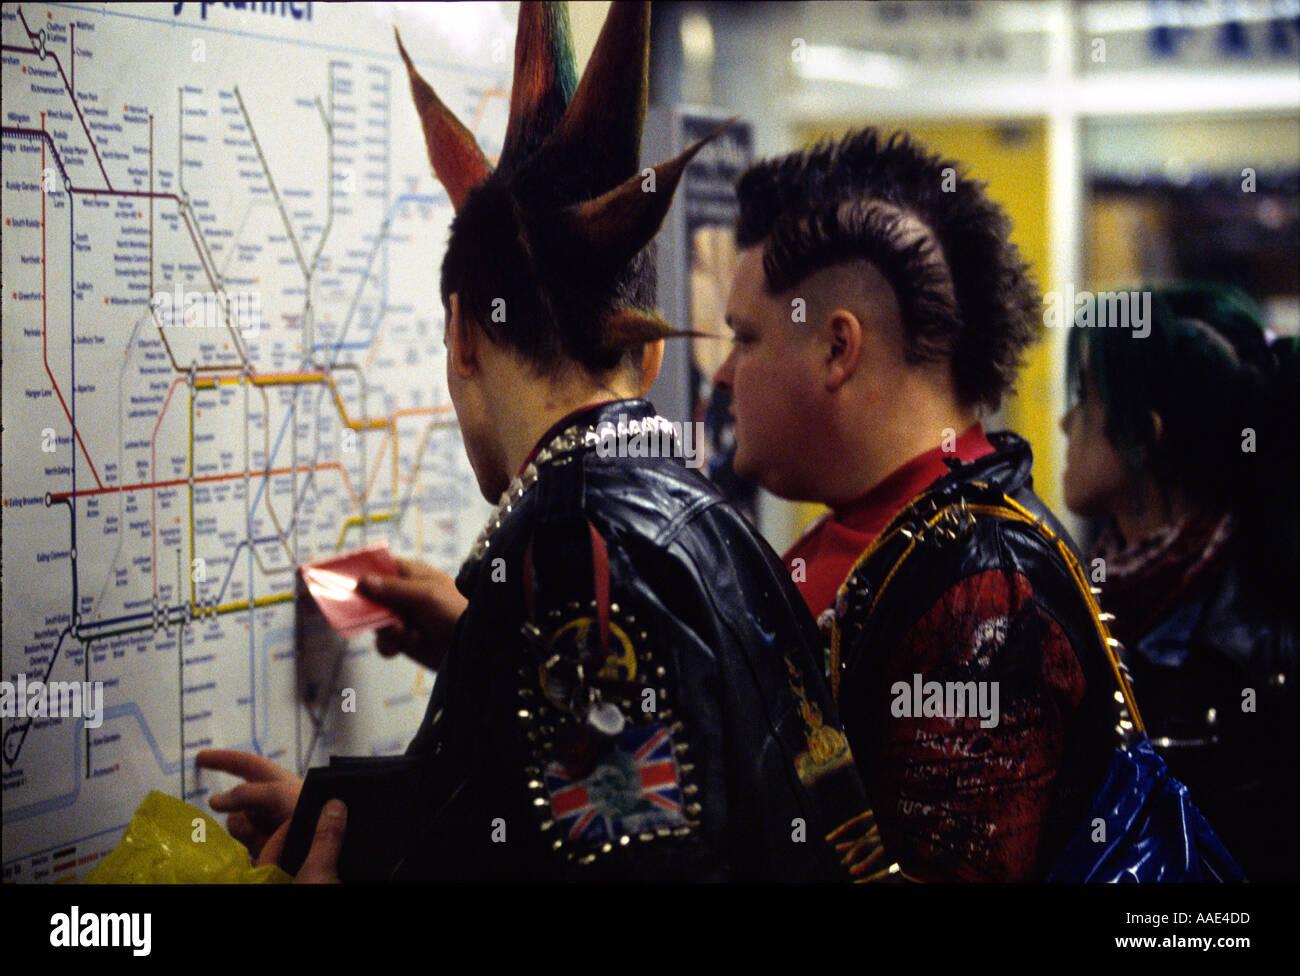 Punks checking tube map in London Underground, England, UK. - Stock Image